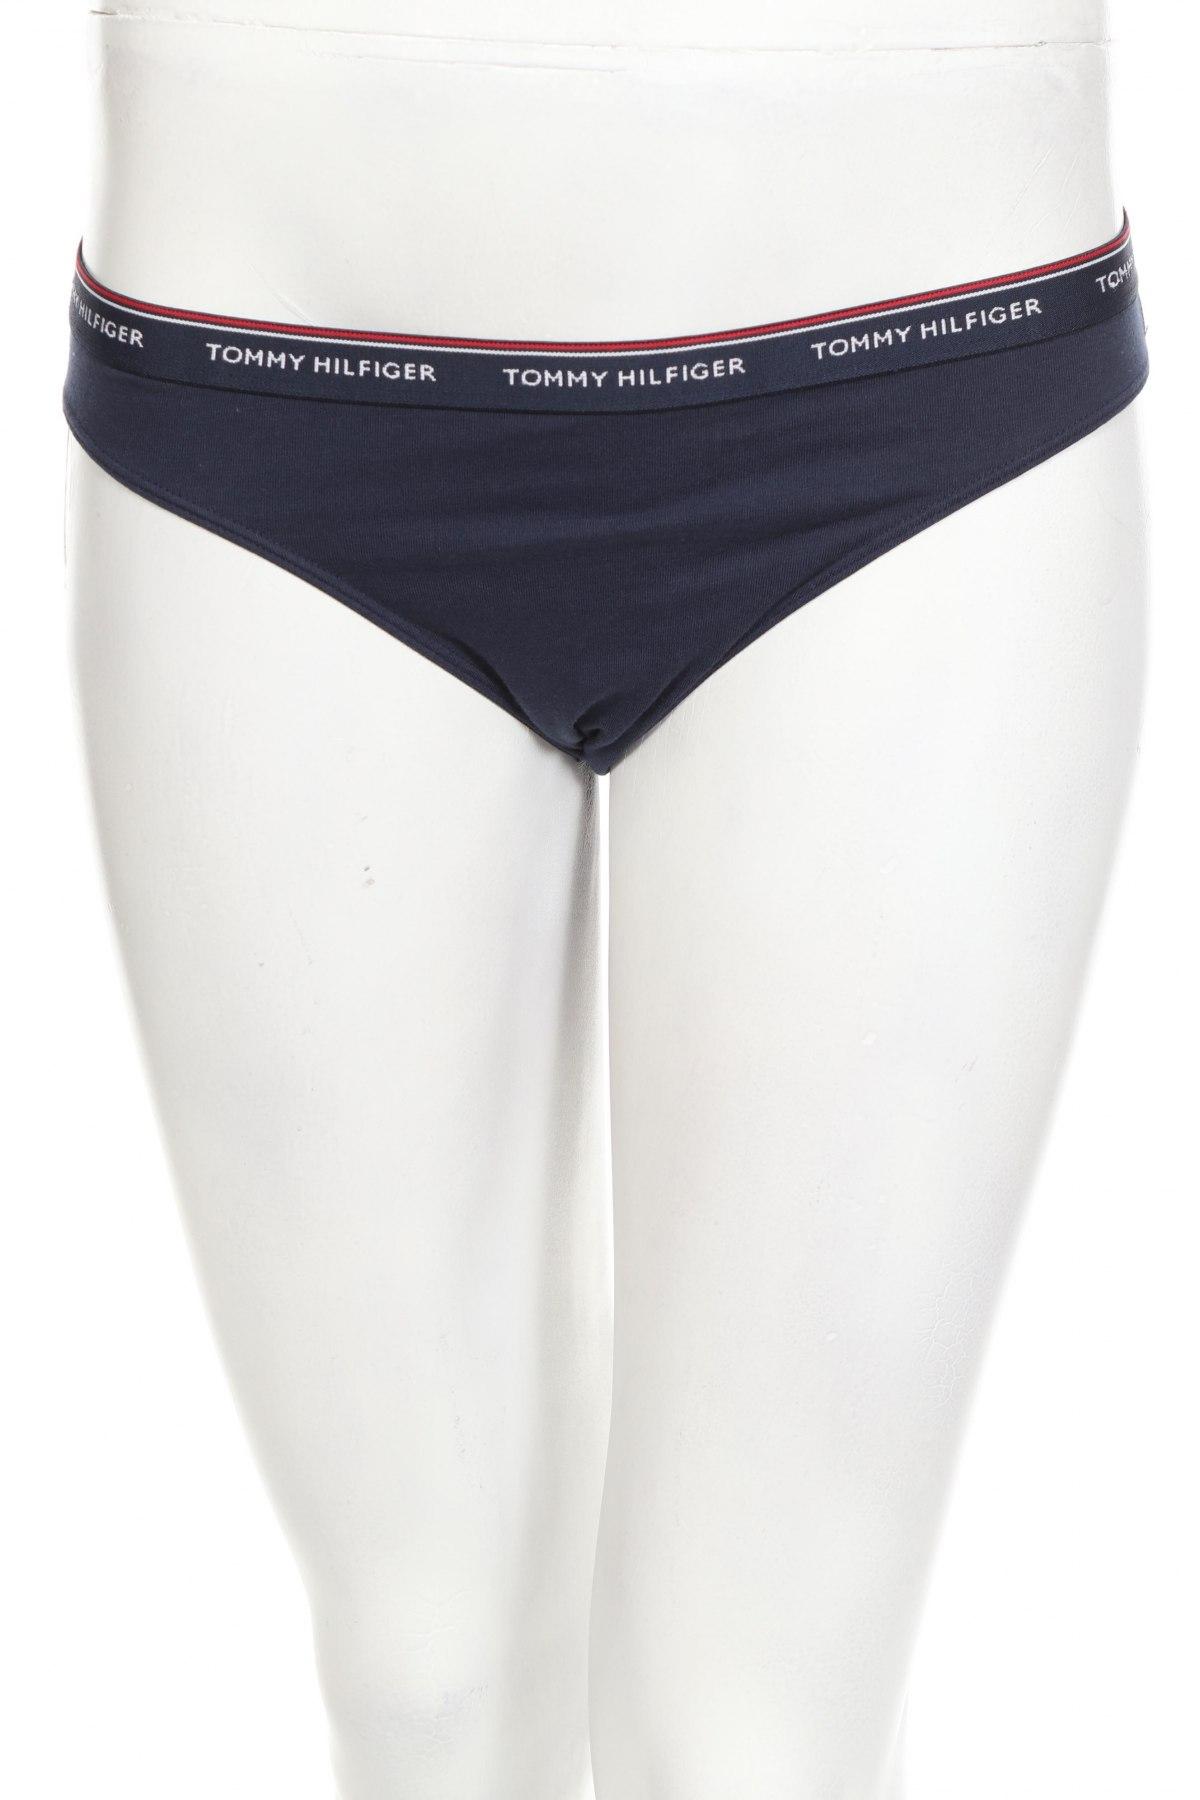 Μπικίνι Tommy Hilfiger, Μέγεθος M, Χρώμα Μπλέ, 90% βαμβάκι, 10% ελαστάνη, Τιμή 18,95€